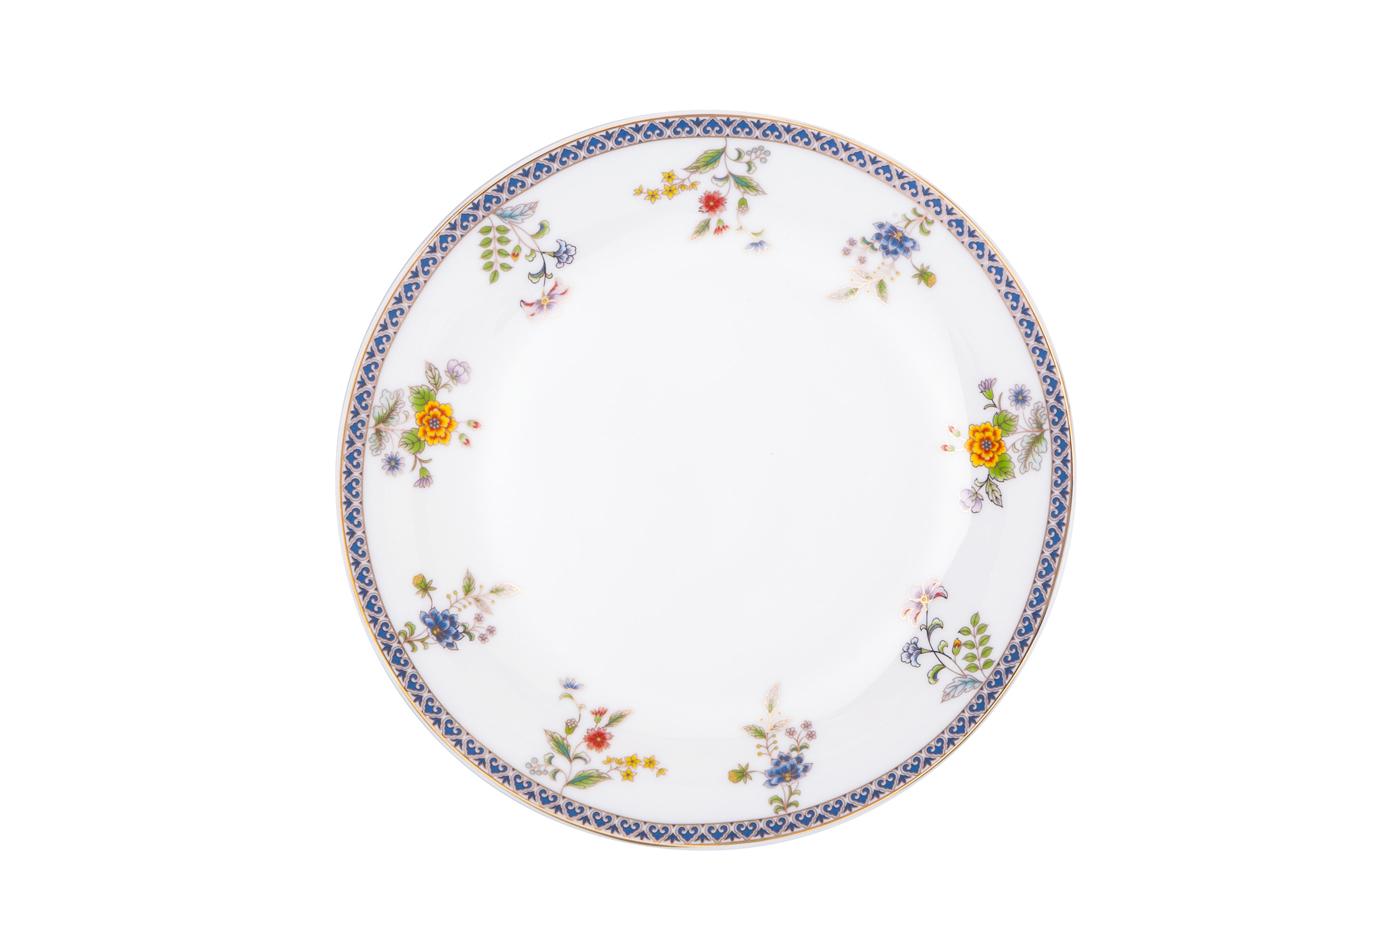 Набор из 6 тарелок Royal Aurel Бавария (20см) арт.530Наборы тарелок<br>Набор из 6 тарелок Royal Aurel Бавария (20см) арт.530<br>Производить посуду из фарфора начали в Китае на стыке 6-7 веков. Неустанно совершенствуя и селективно отбирая сырье для производства посуды из фарфора, мастерам удалось добиться выдающихся характеристик фарфора: белизны и тонкостенности. В XV веке появился особый интерес к китайской фарфоровой посуде, так как в это время Европе возникла мода на самобытные китайские вещи. Роскошный китайский фарфор являлся изыском и был в новинку, поэтому он выступал в качестве подарка королям, а также знатным людям. Такой дорогой подарок был очень престижен и по праву являлся элитной посудой. Как известно из многочисленных исторических документов, в Европе китайские изделия из фарфора ценились практически как золото. <br>Проверка изделий из костяного фарфора на подлинность <br>По сравнению с производством других видов фарфора процесс производства изделий из настоящего костяного фарфора сложен и весьма длителен. Посуда из изящного фарфора - это элитная посуда, которая всегда ассоциируется с богатством, величием и благородством. Несмотря на небольшую толщину, фарфоровая посуда - это очень прочное изделие. Для демонстрации плотности и прочности фарфора можно легко коснуться предметов посуды из фарфора деревянной палочкой, и тогда мы услушим характерный металлический звон. В составе фарфоровой посуды присутствует костяная зола, благодаря чему она может быть намного тоньше (не более 2,5 мм) и легче твердого или мягкого фарфора. Безупречная белизна - ключевой признак отличия такого фарфора от других. Цвет обычного фарфора сероватый или ближе к голубоватому, а костяной фарфор будет всегда будет молочно-белого цвета. Характерная и немаловажная деталь - это невесомая прозрачность изделий из фарфора такая, что сквозь него проходит свет.<br>